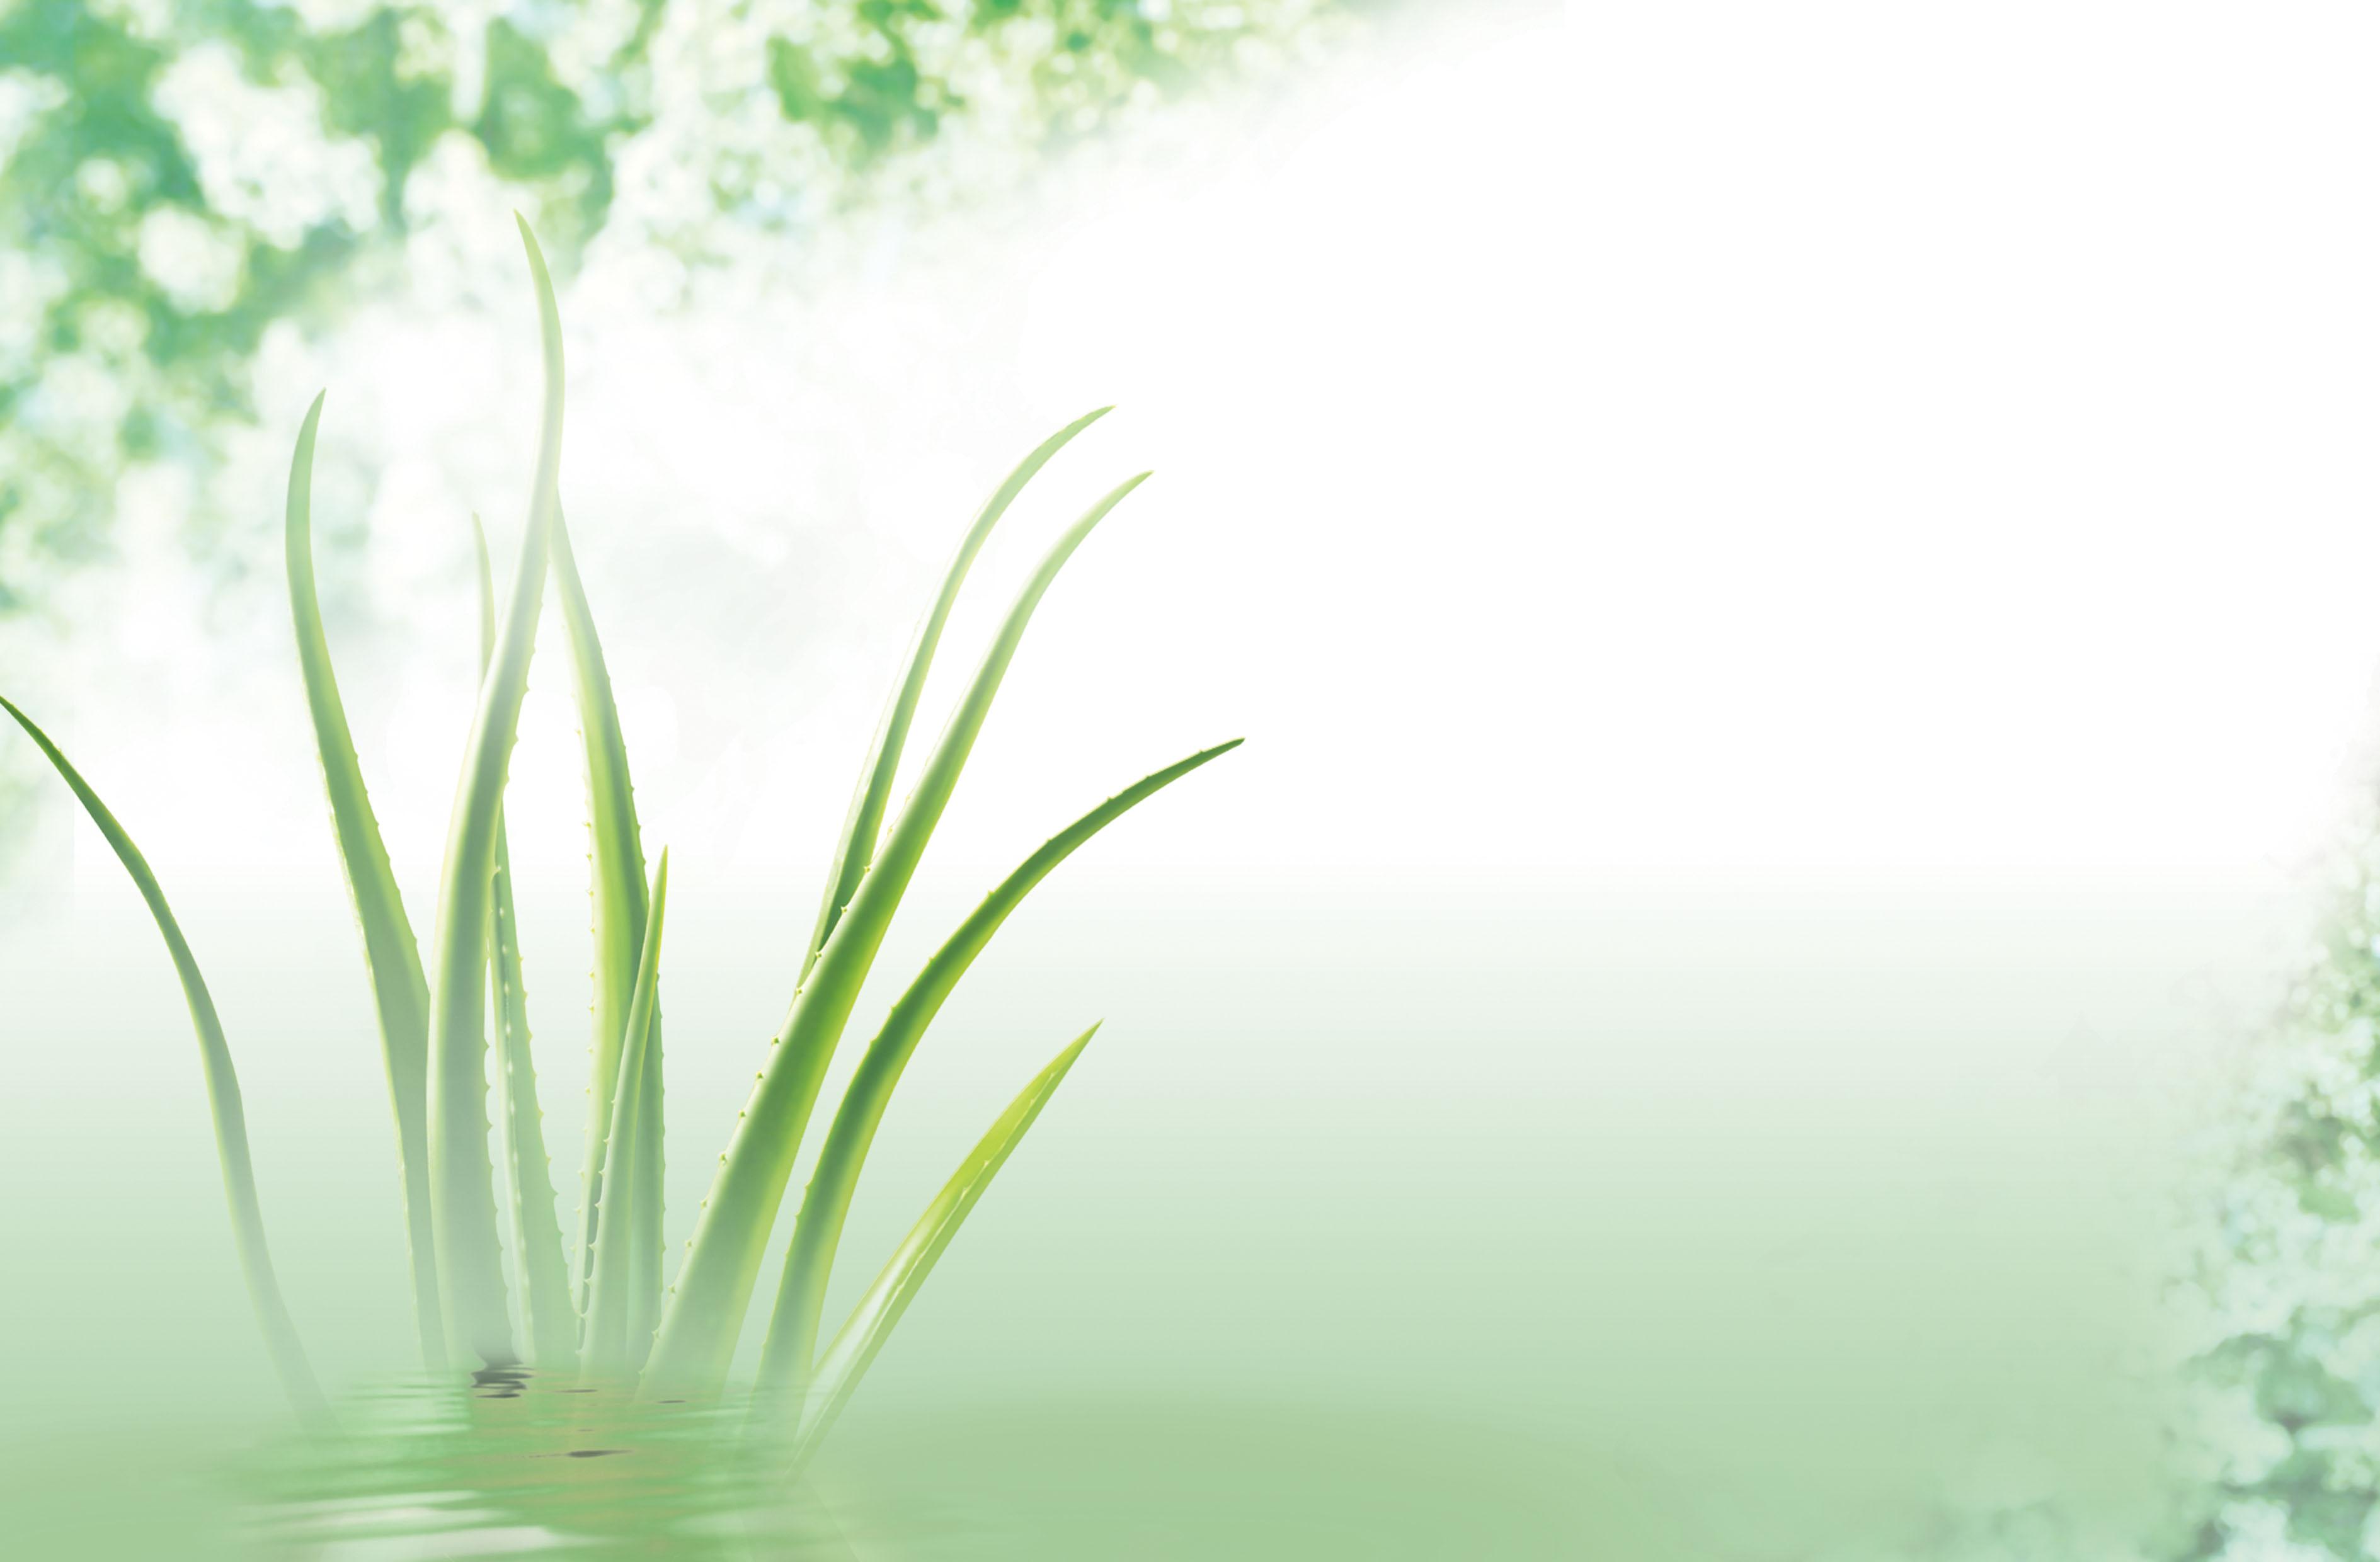 des affiches de l aloe vera vert frais aloe image de fond